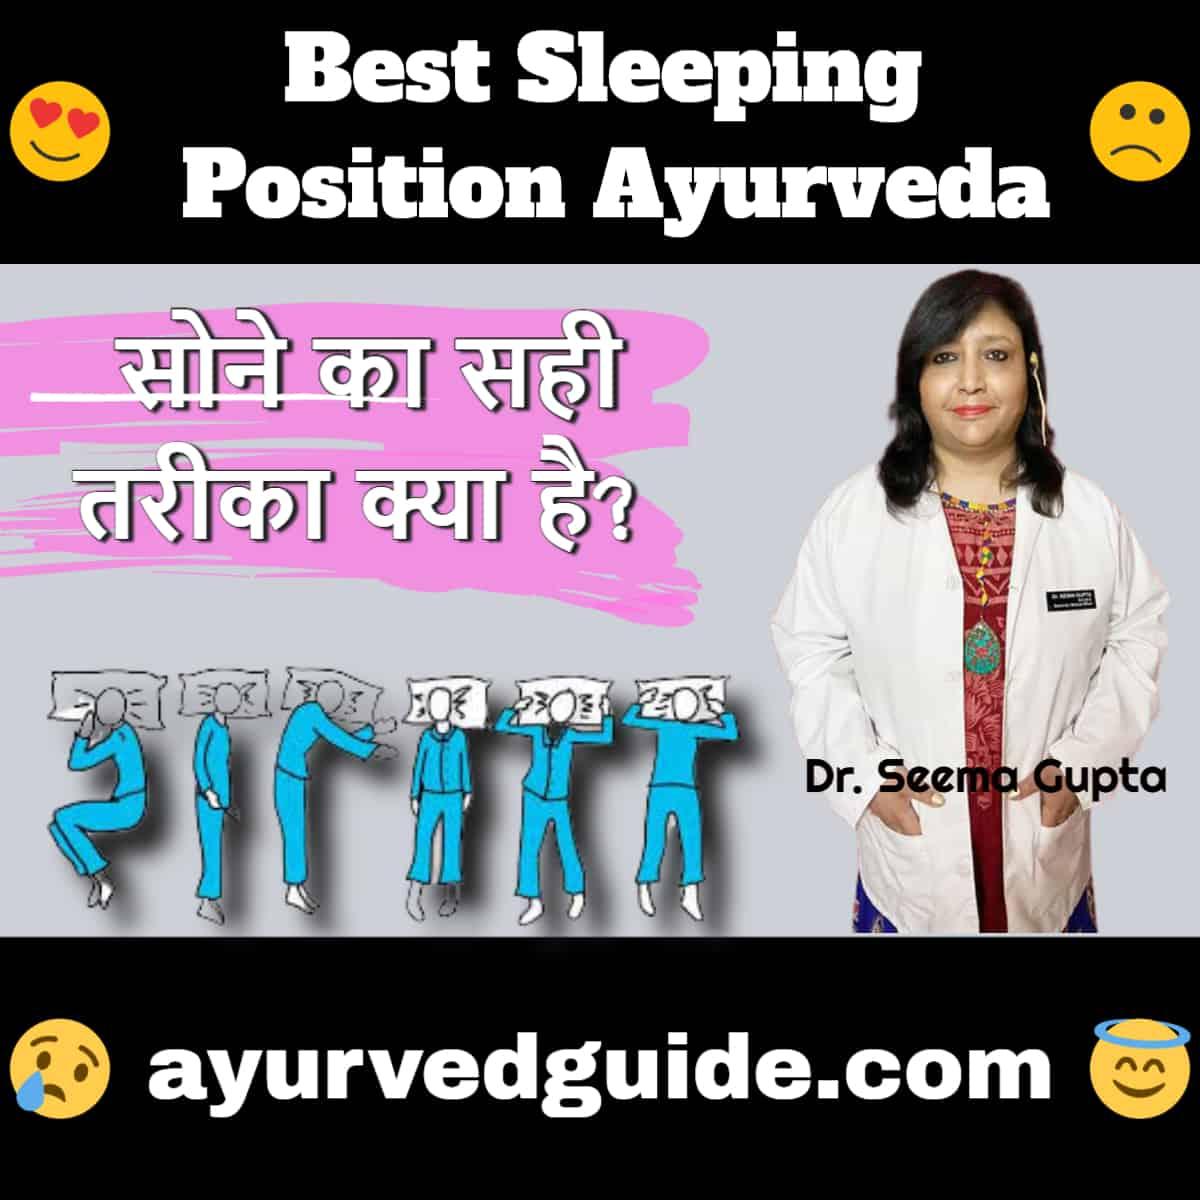 Best Sleeping Position Ayurveda - सोने का सही तरीका क्या है?